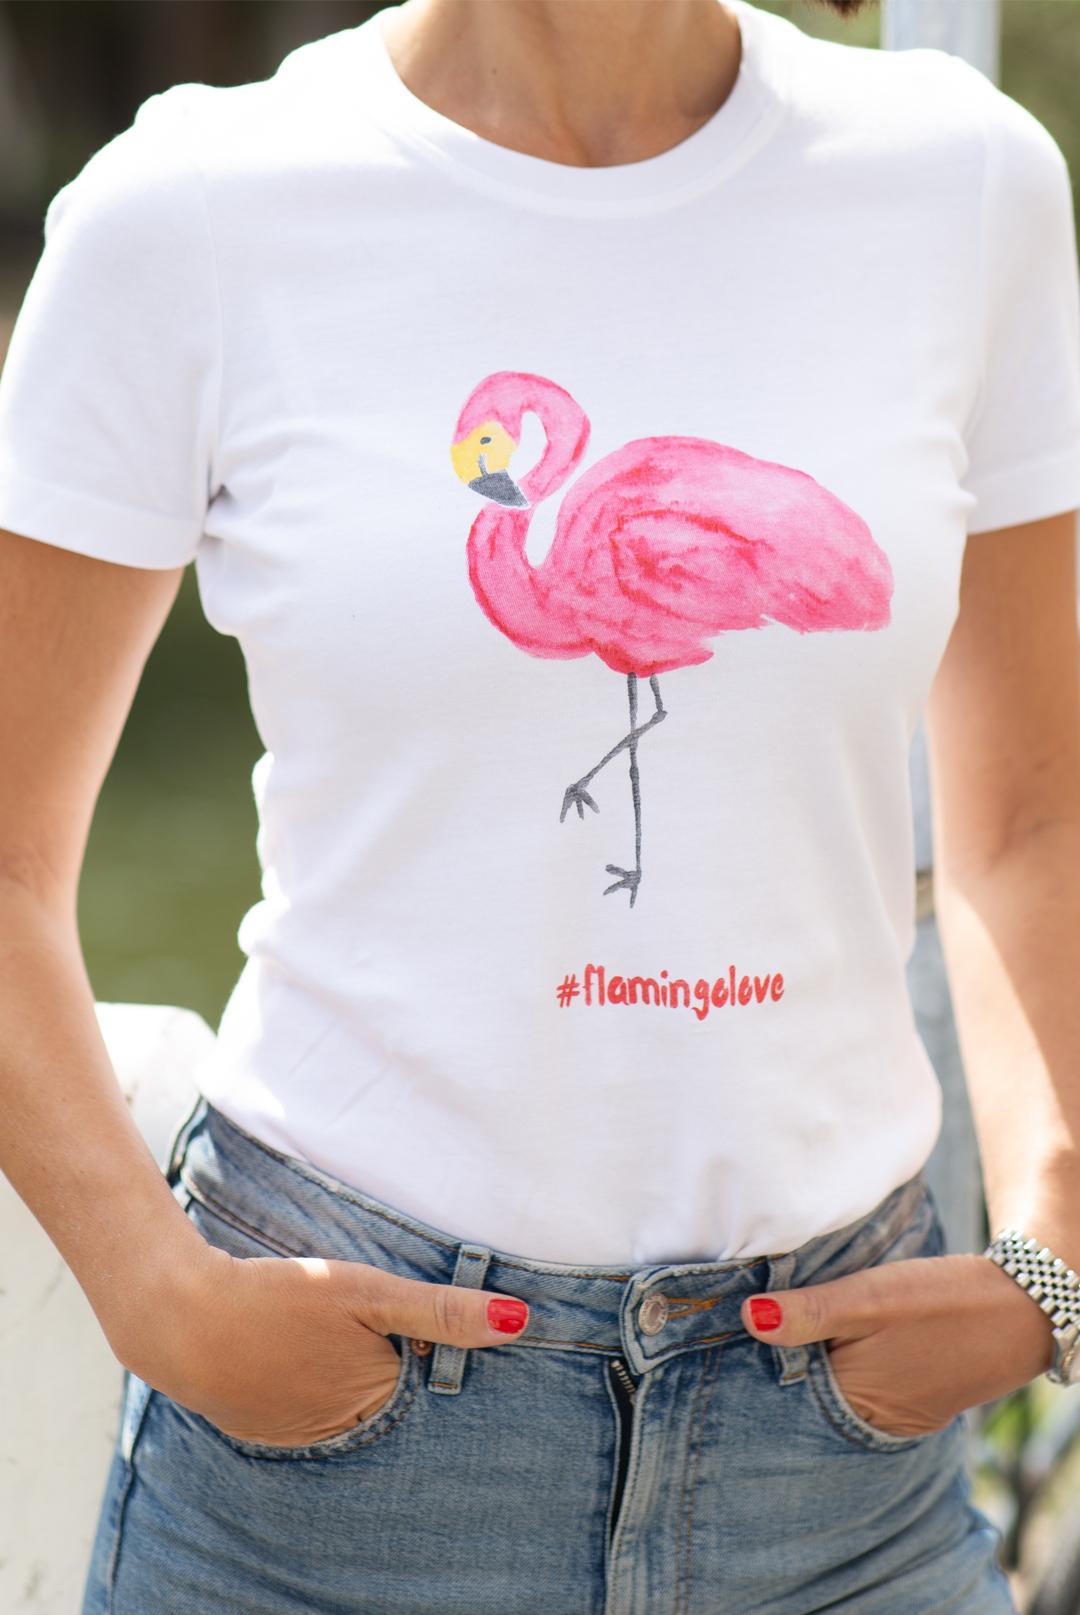 Wie ich mein eigens T-Shirt designt habe - Frau mit Flamingo T-Shirt das Trendtier 2019